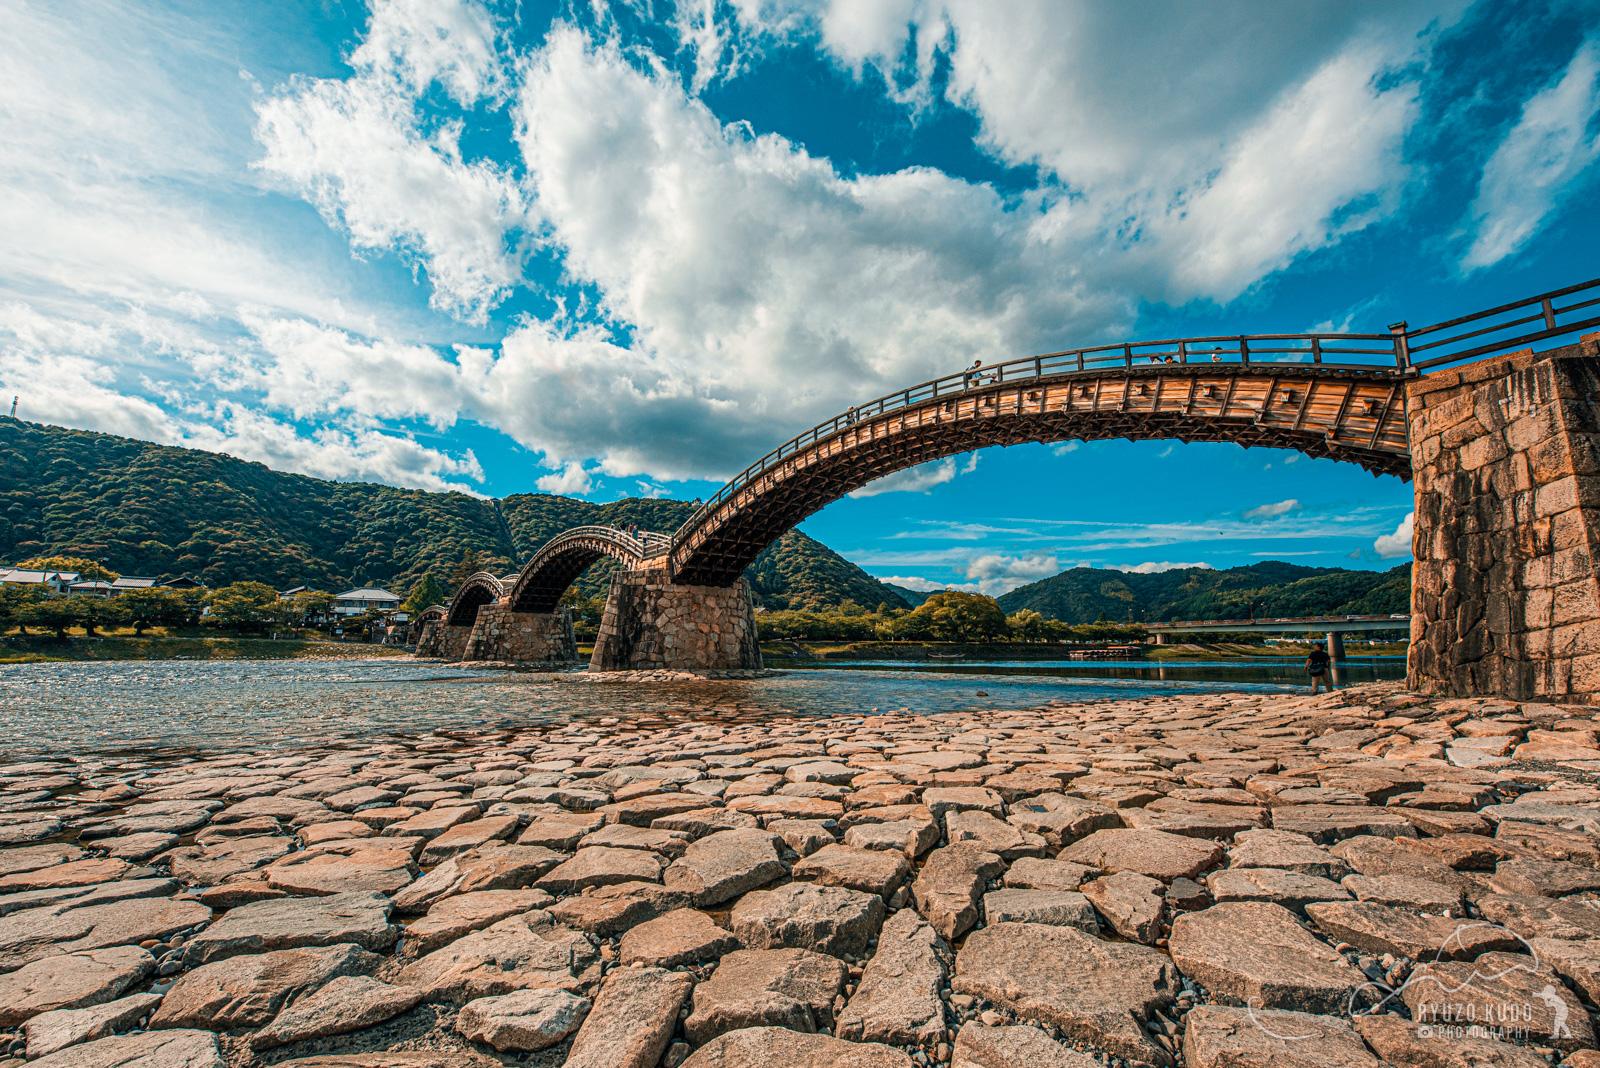 ようやく訪れることができた山口県岩国の錦帯橋、思い出の橋